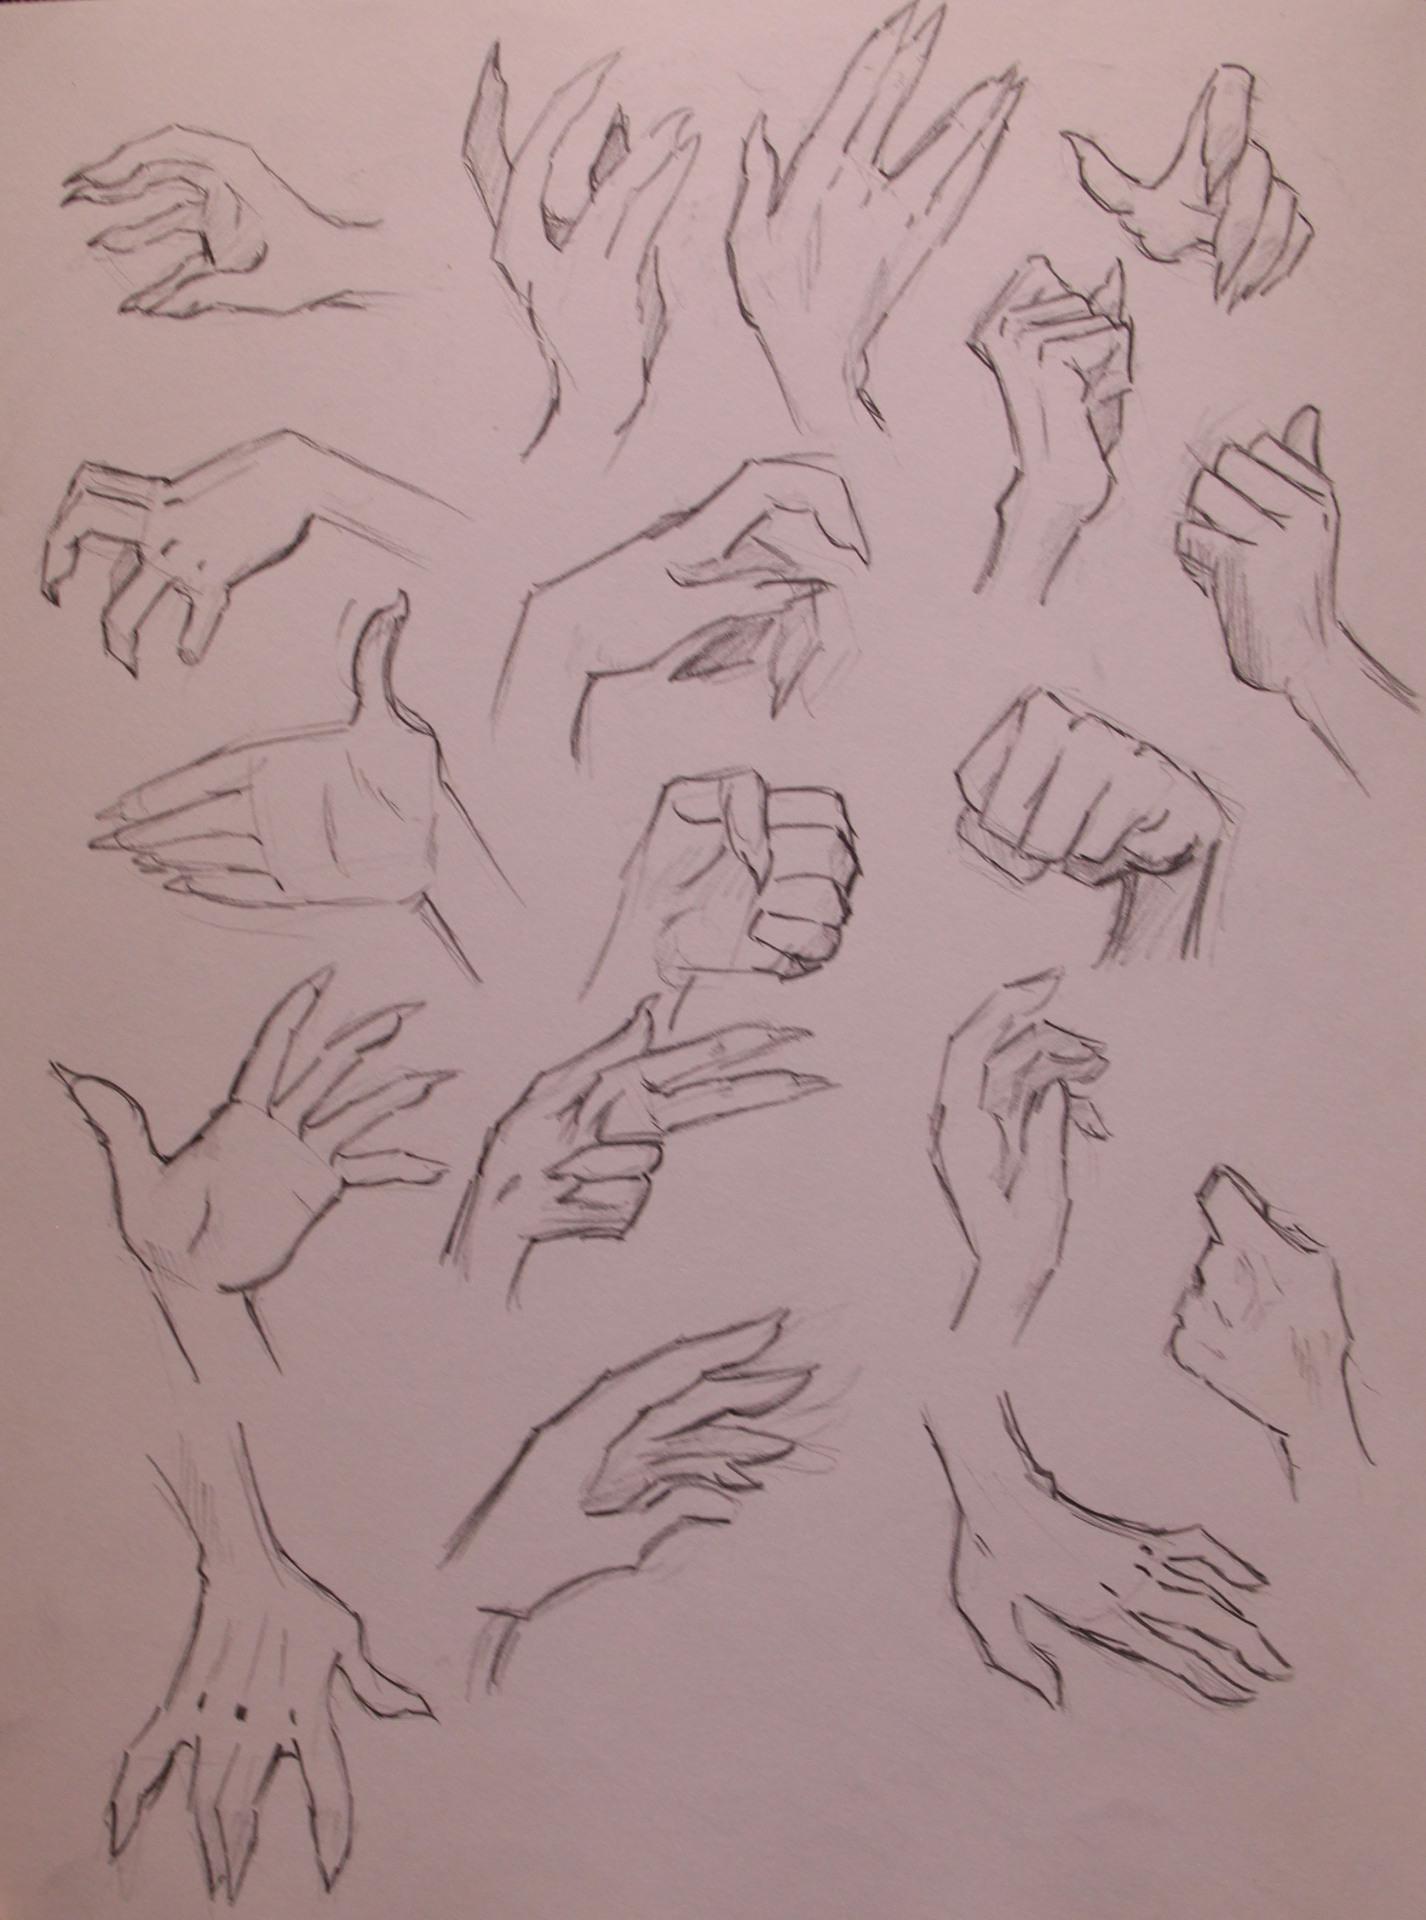 Anatomy Study - Hands Stylized